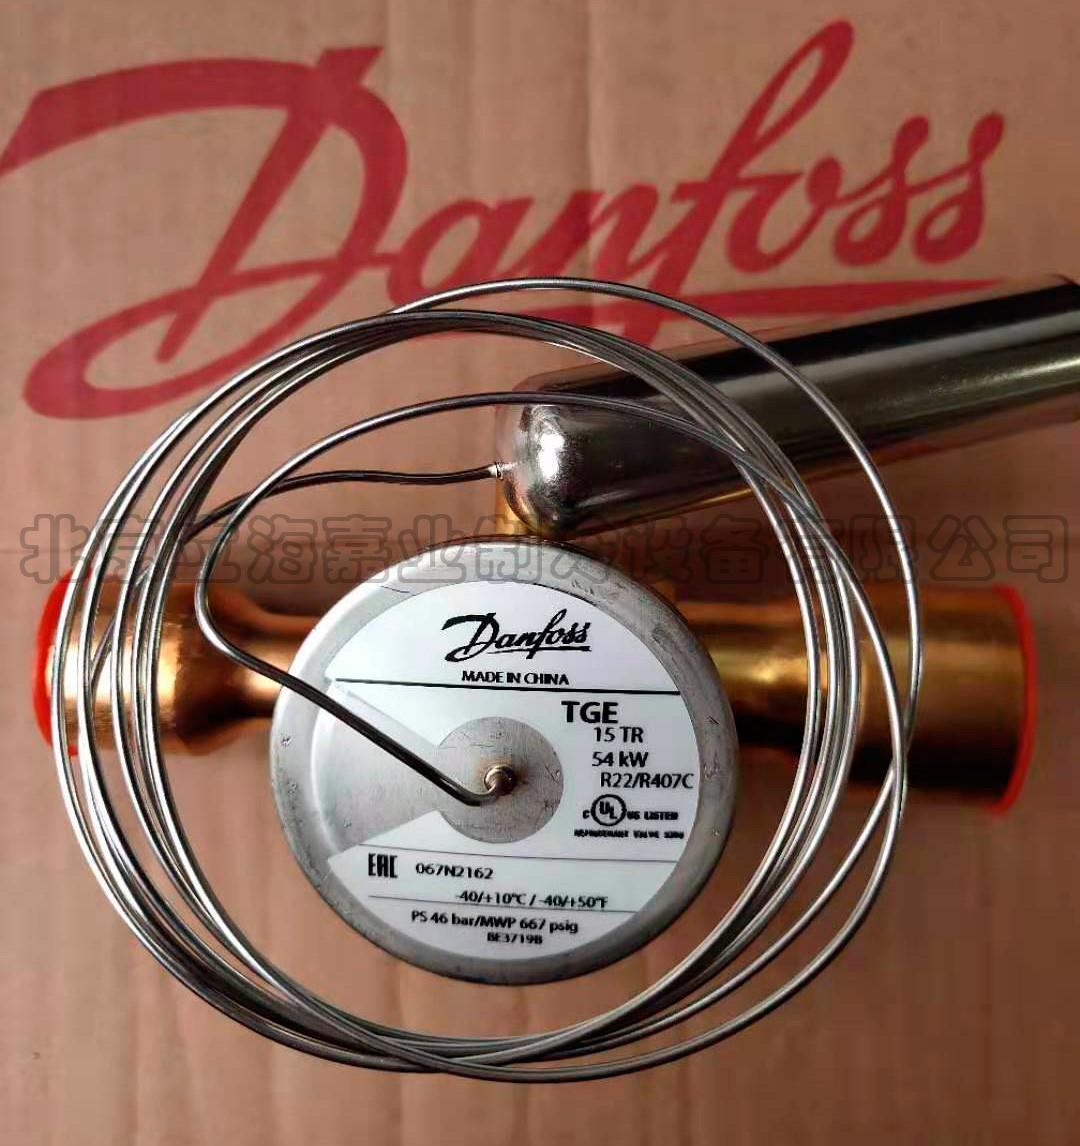 丹佛斯膨胀阀R22/407C(TGEX15TR)